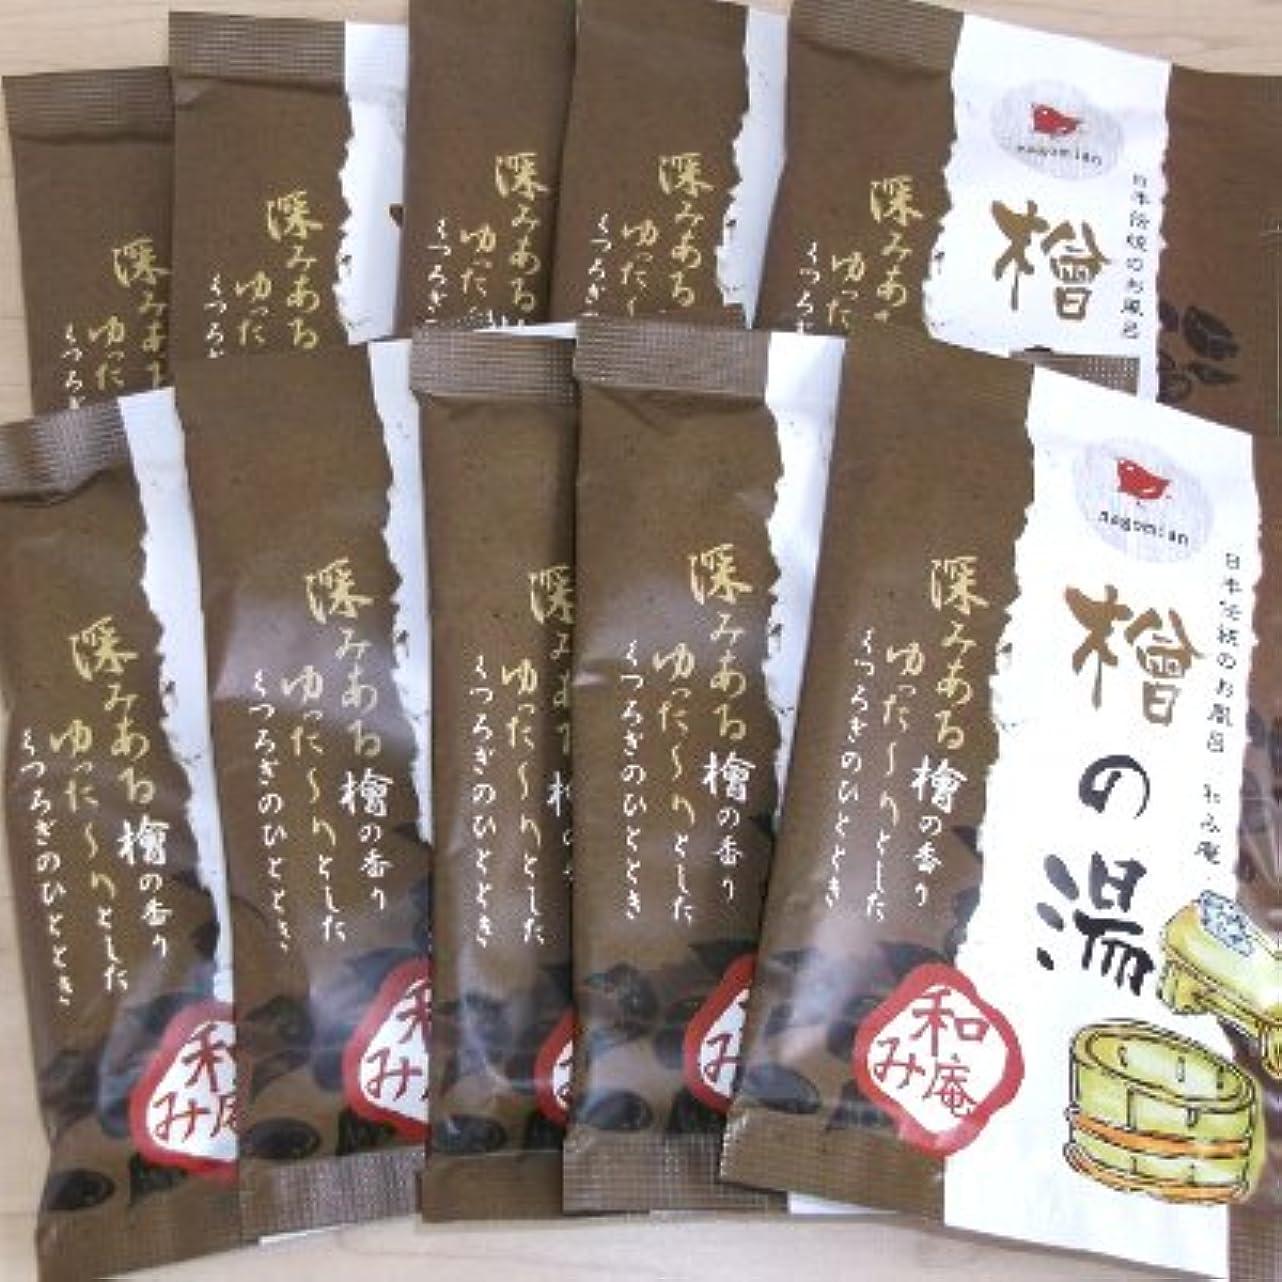 メルボルンラウズ効果和み庵 檜の湯 10包セット